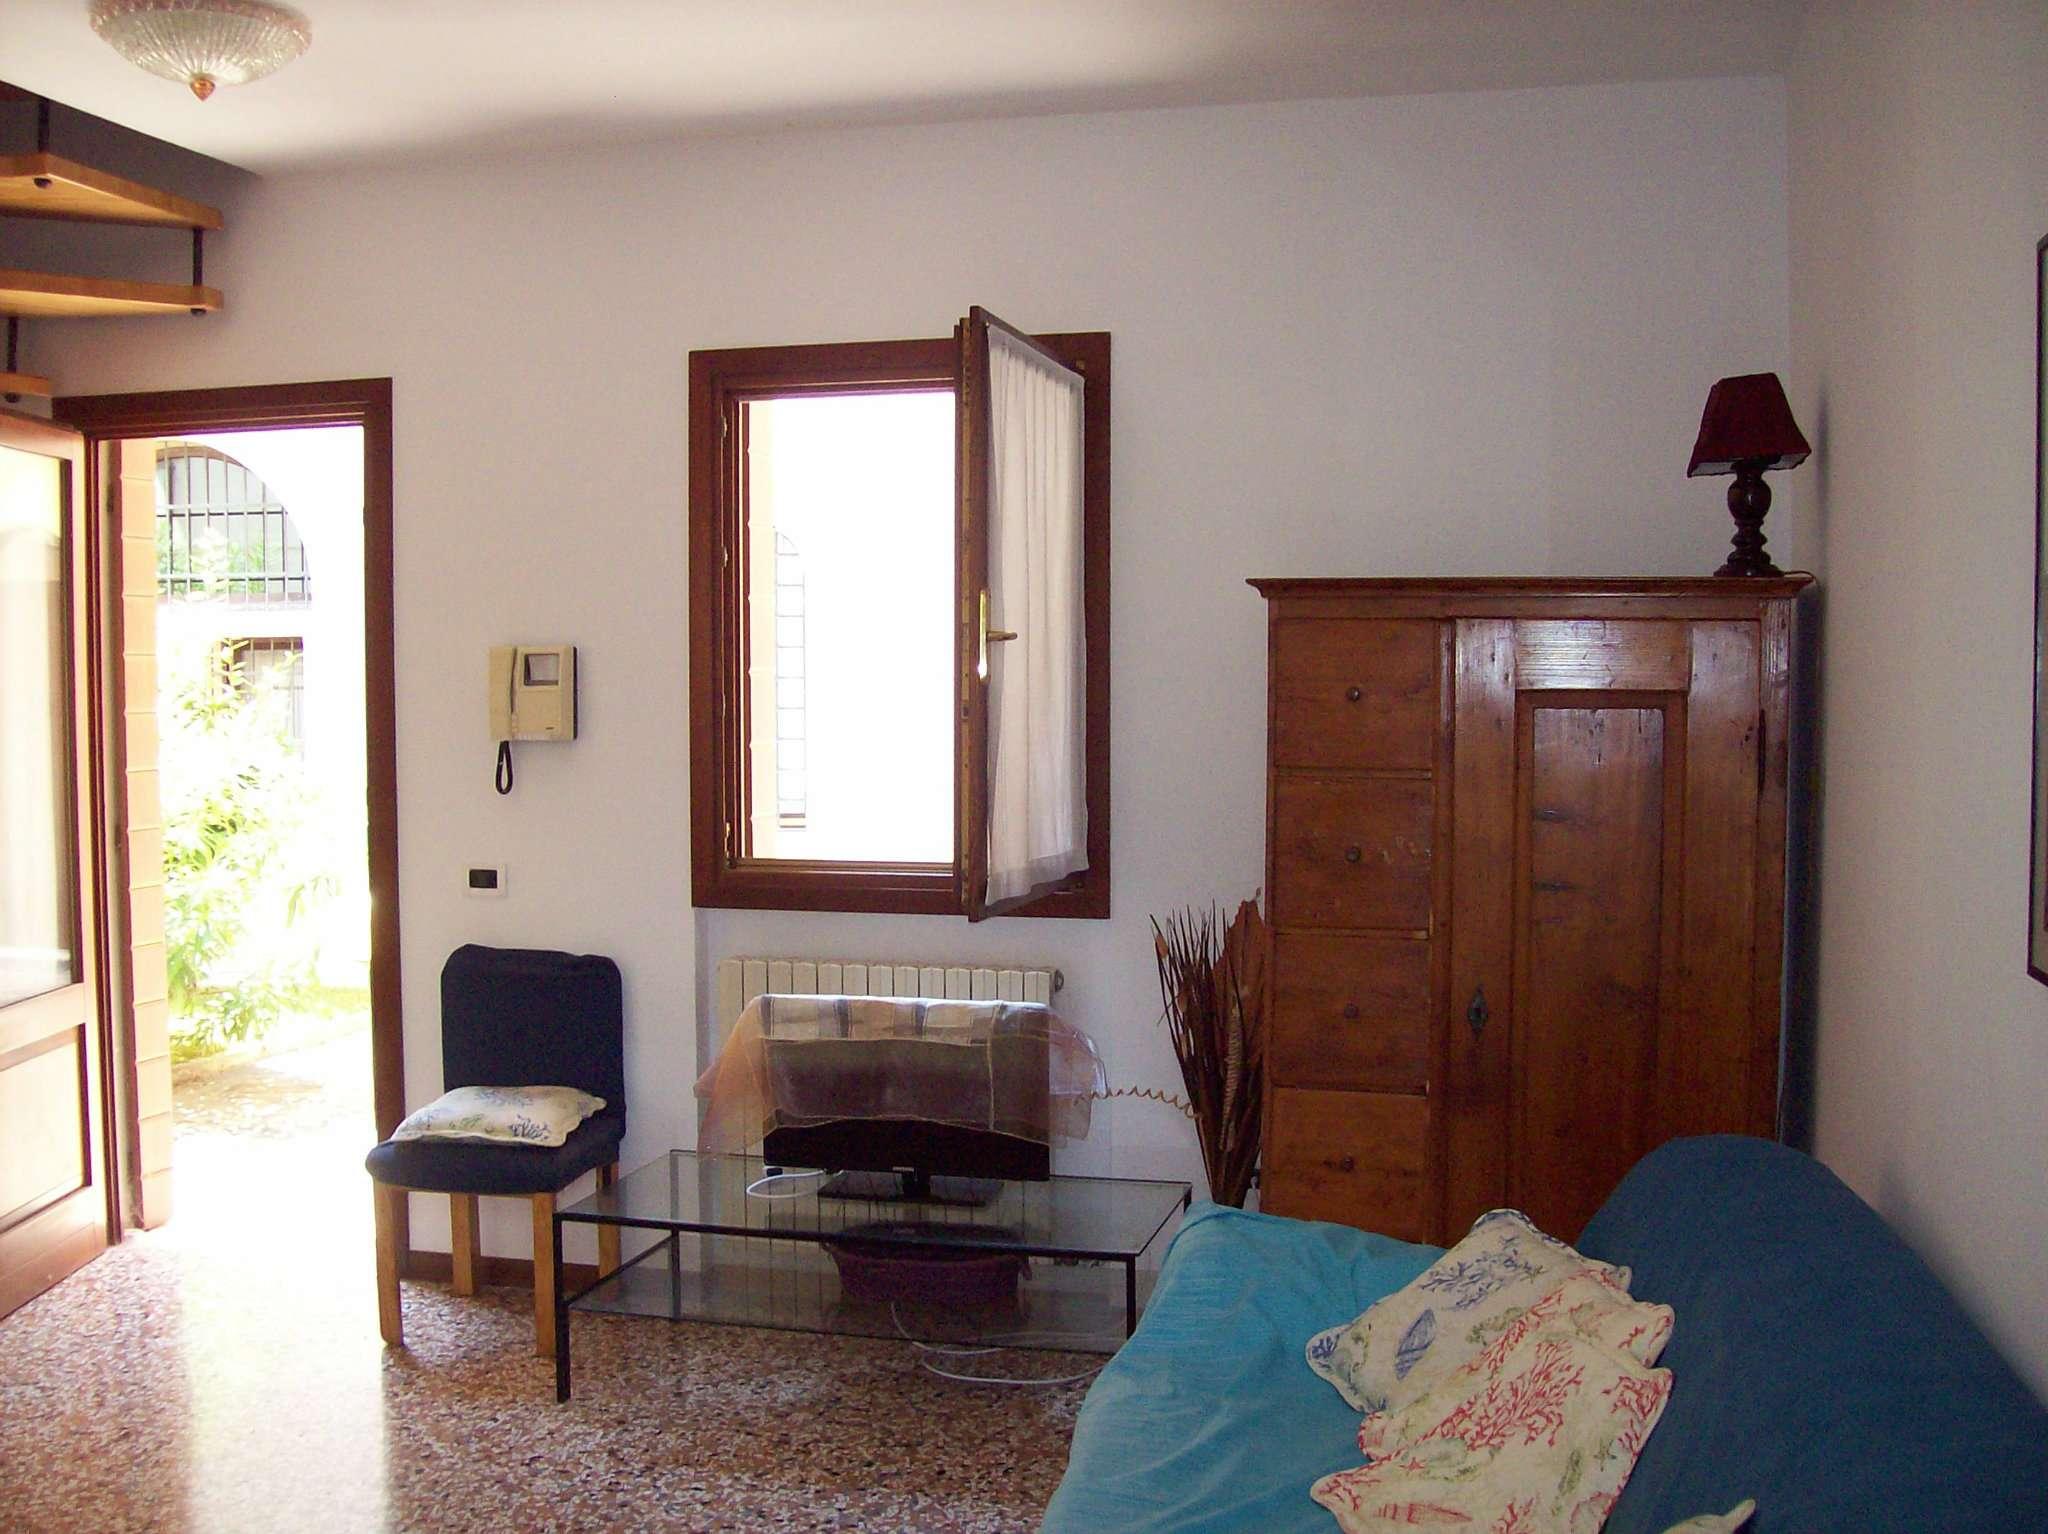 Bilocale Venezia Via Via Sandro Gallo 1